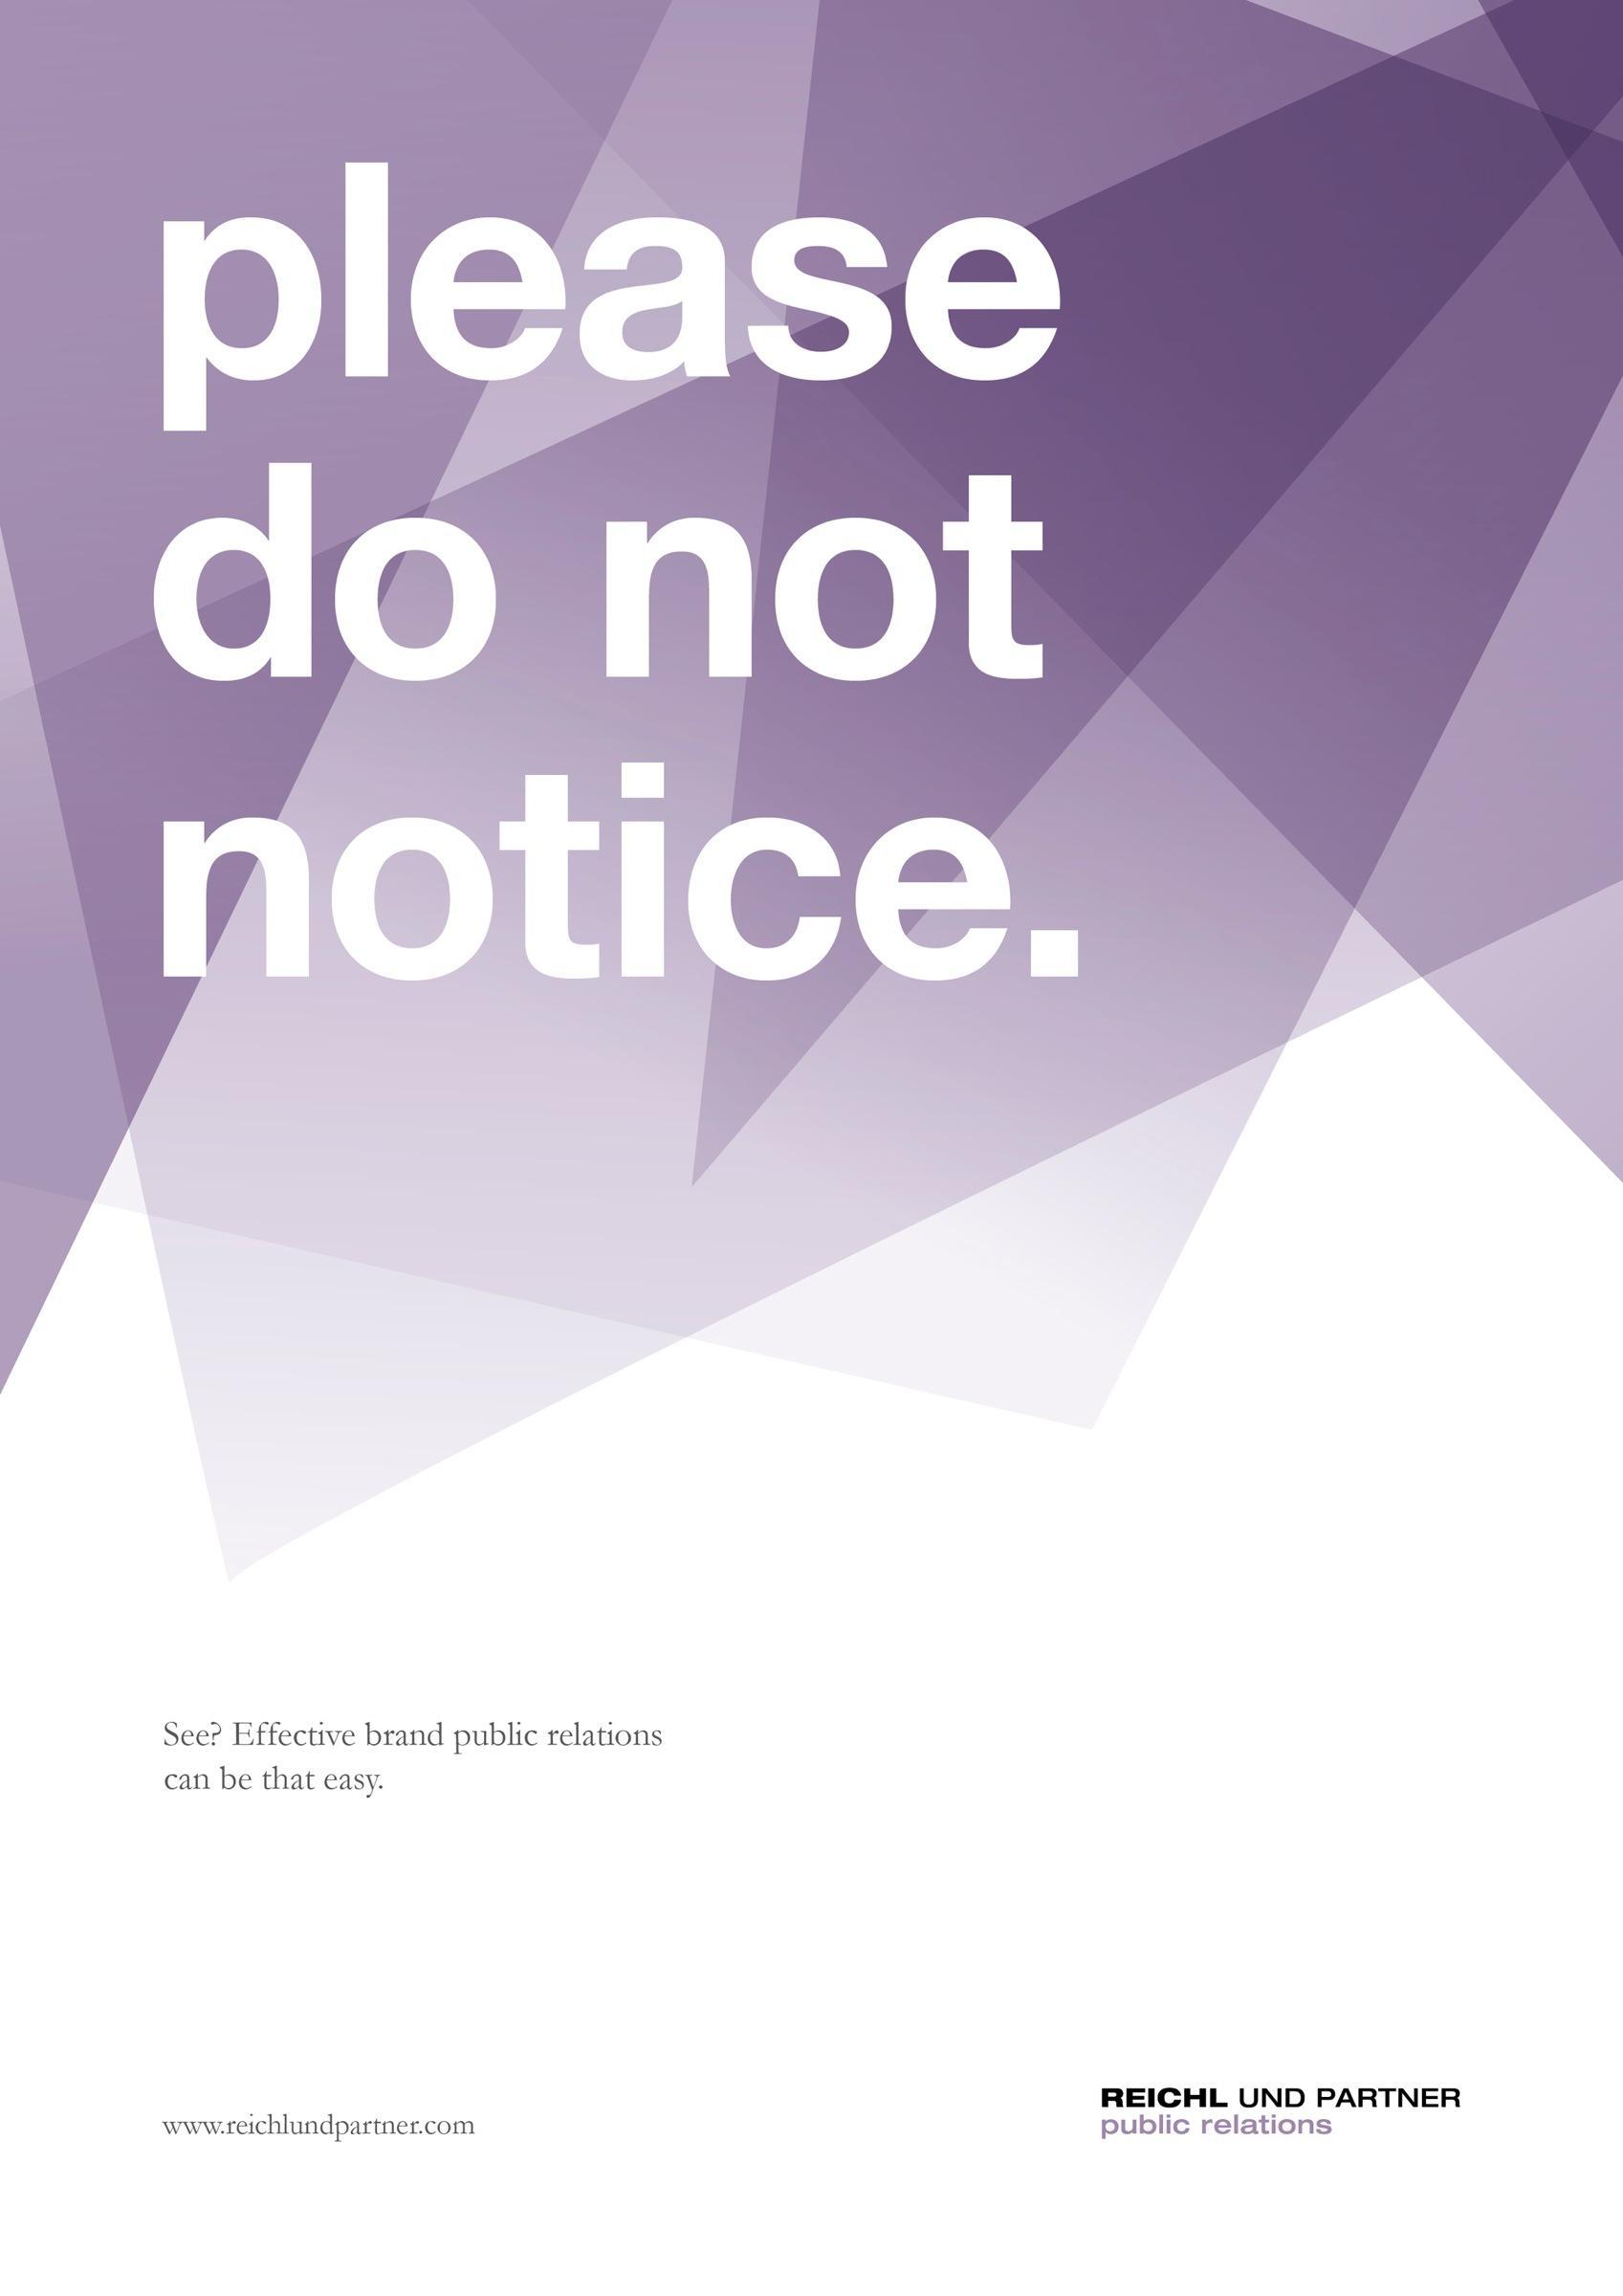 Reichl und Partner Outdoor Ad -  Do not notice